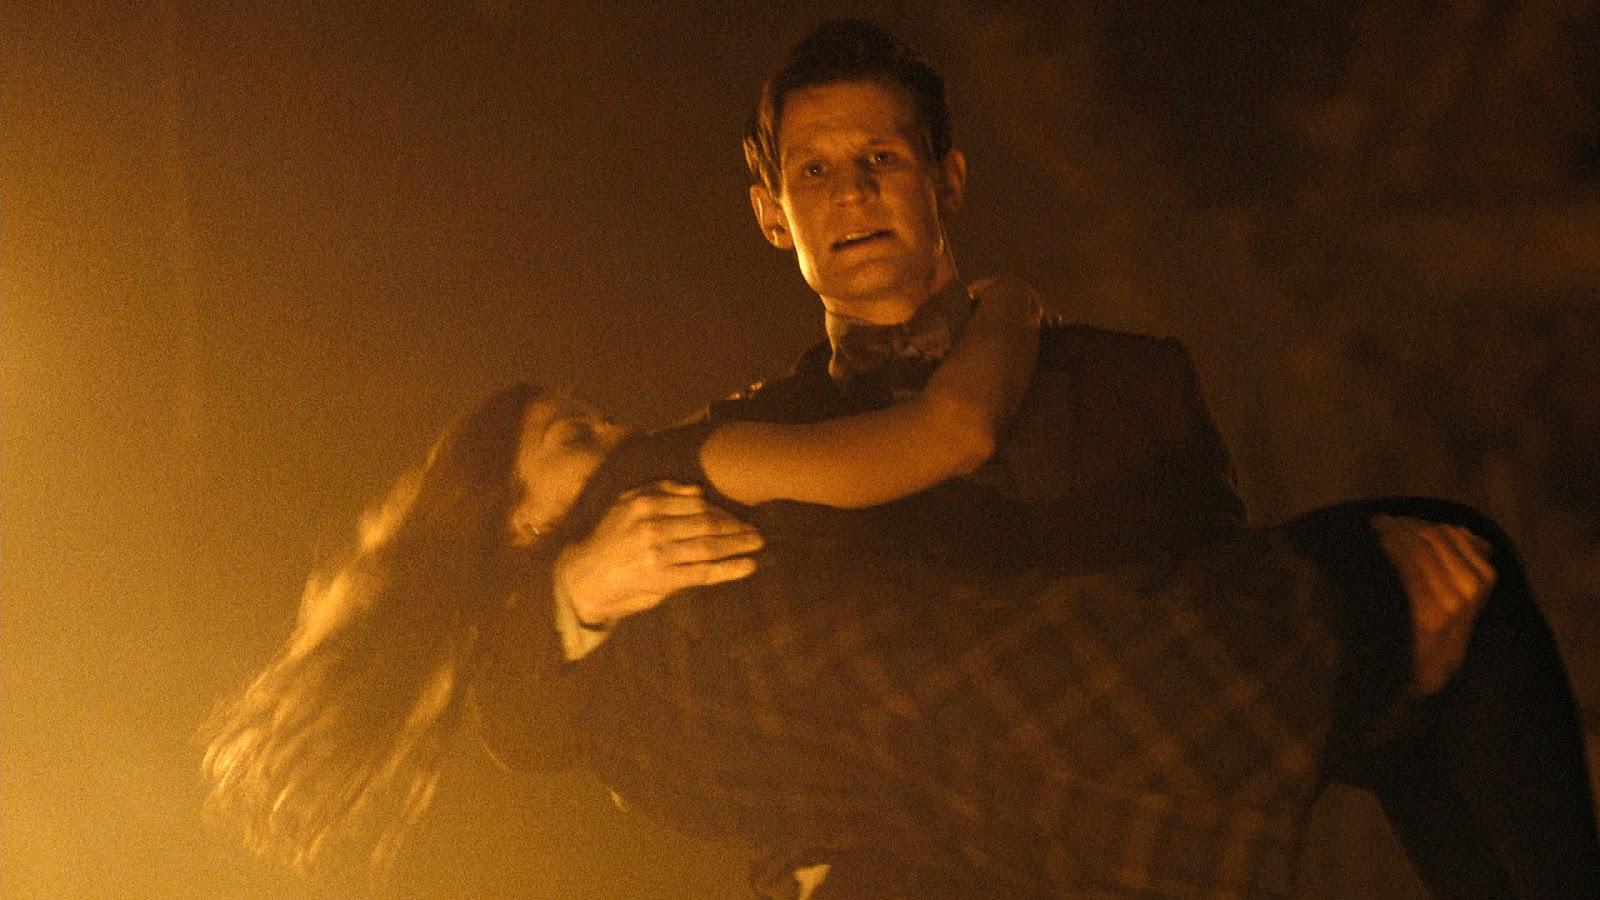 Doctor Who Recap Season 7 Episode 13 The Name Of The Doctor